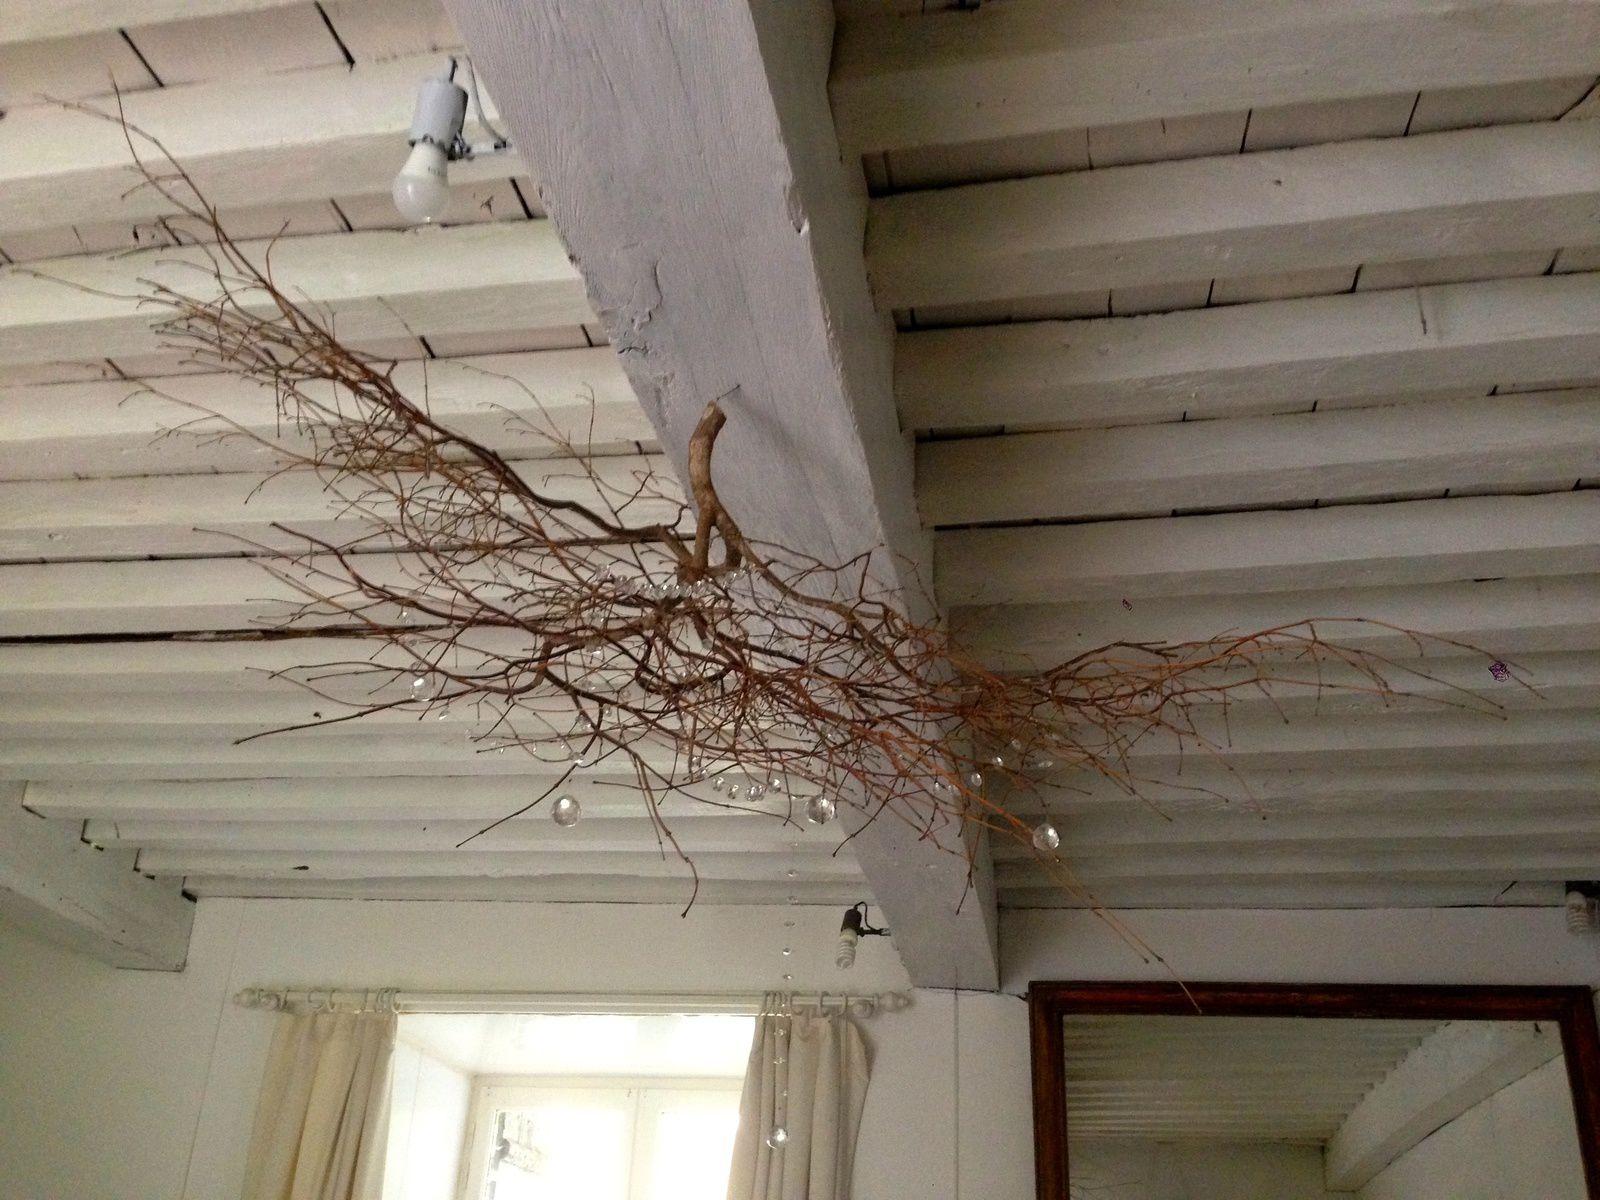 Pampilles accrochées à une branche d'érable